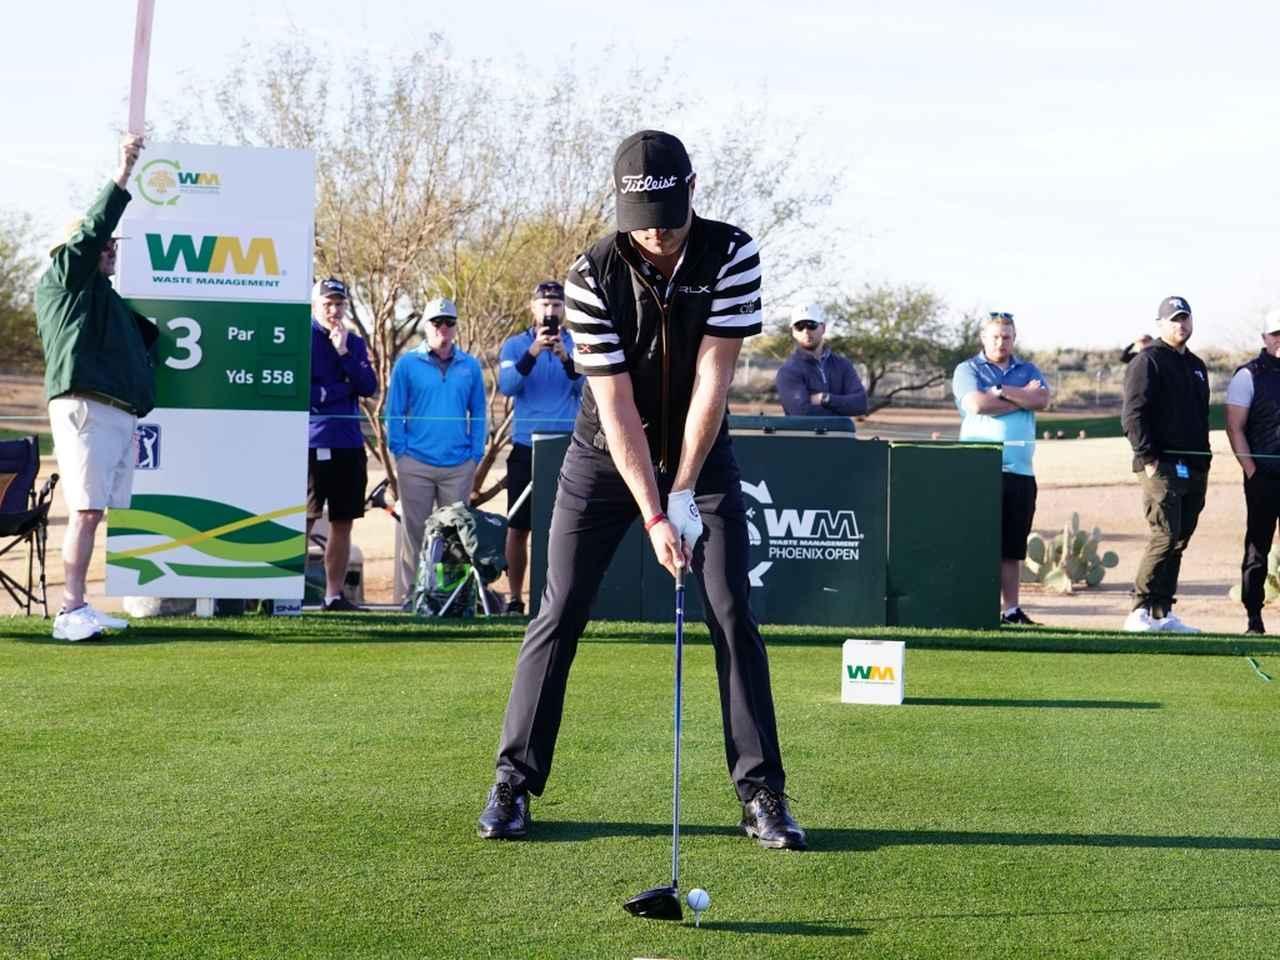 画像17: 【ギア研究】PGAツアートップ選手のレプリカドライバーを組んで打った。「運命のシャフトとヘッド」見つけ方